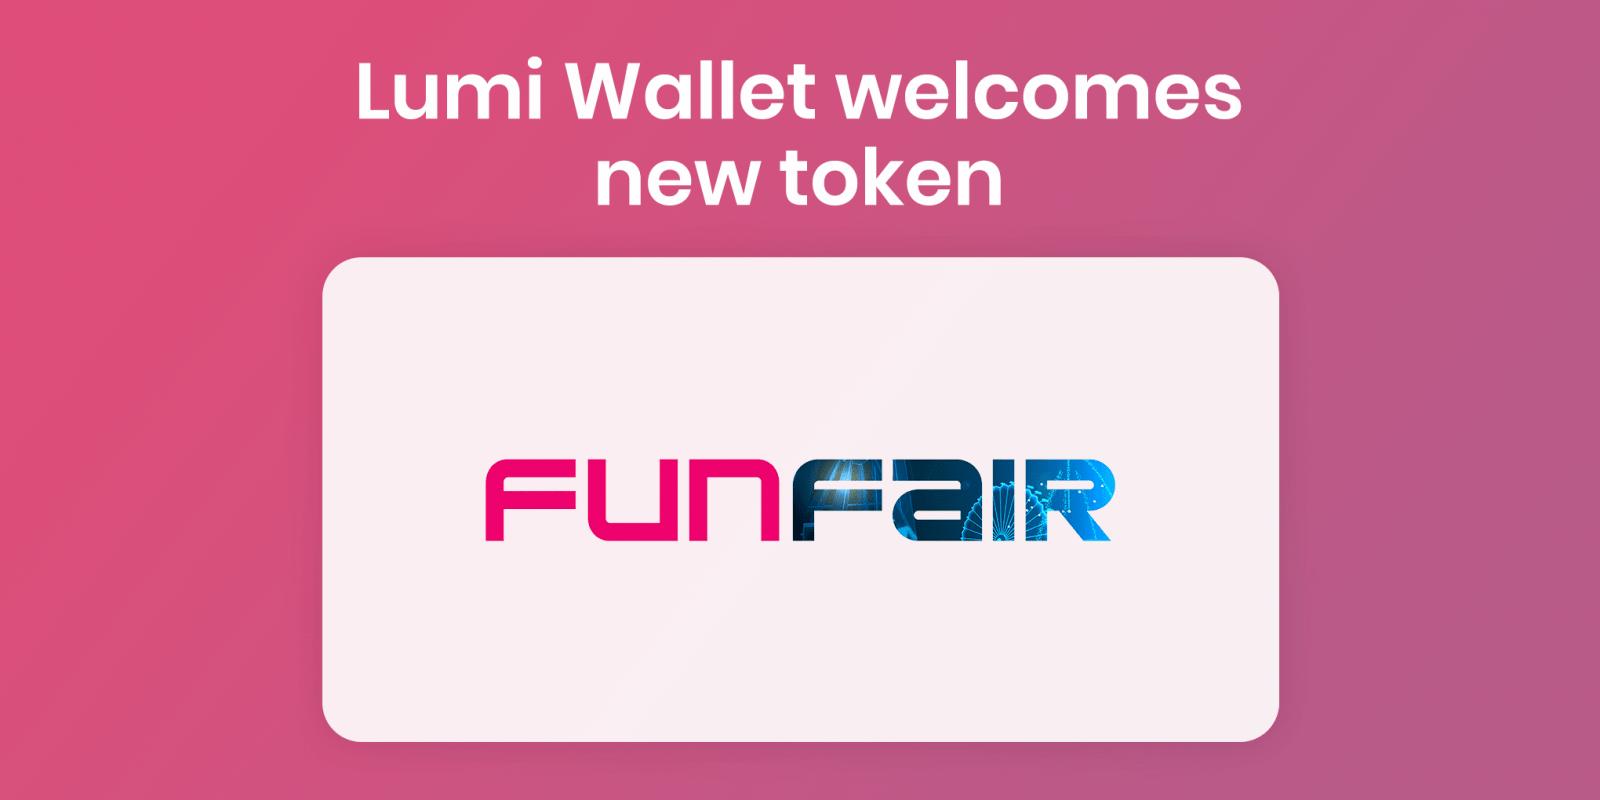 Buy FUN in Lumi Wallet